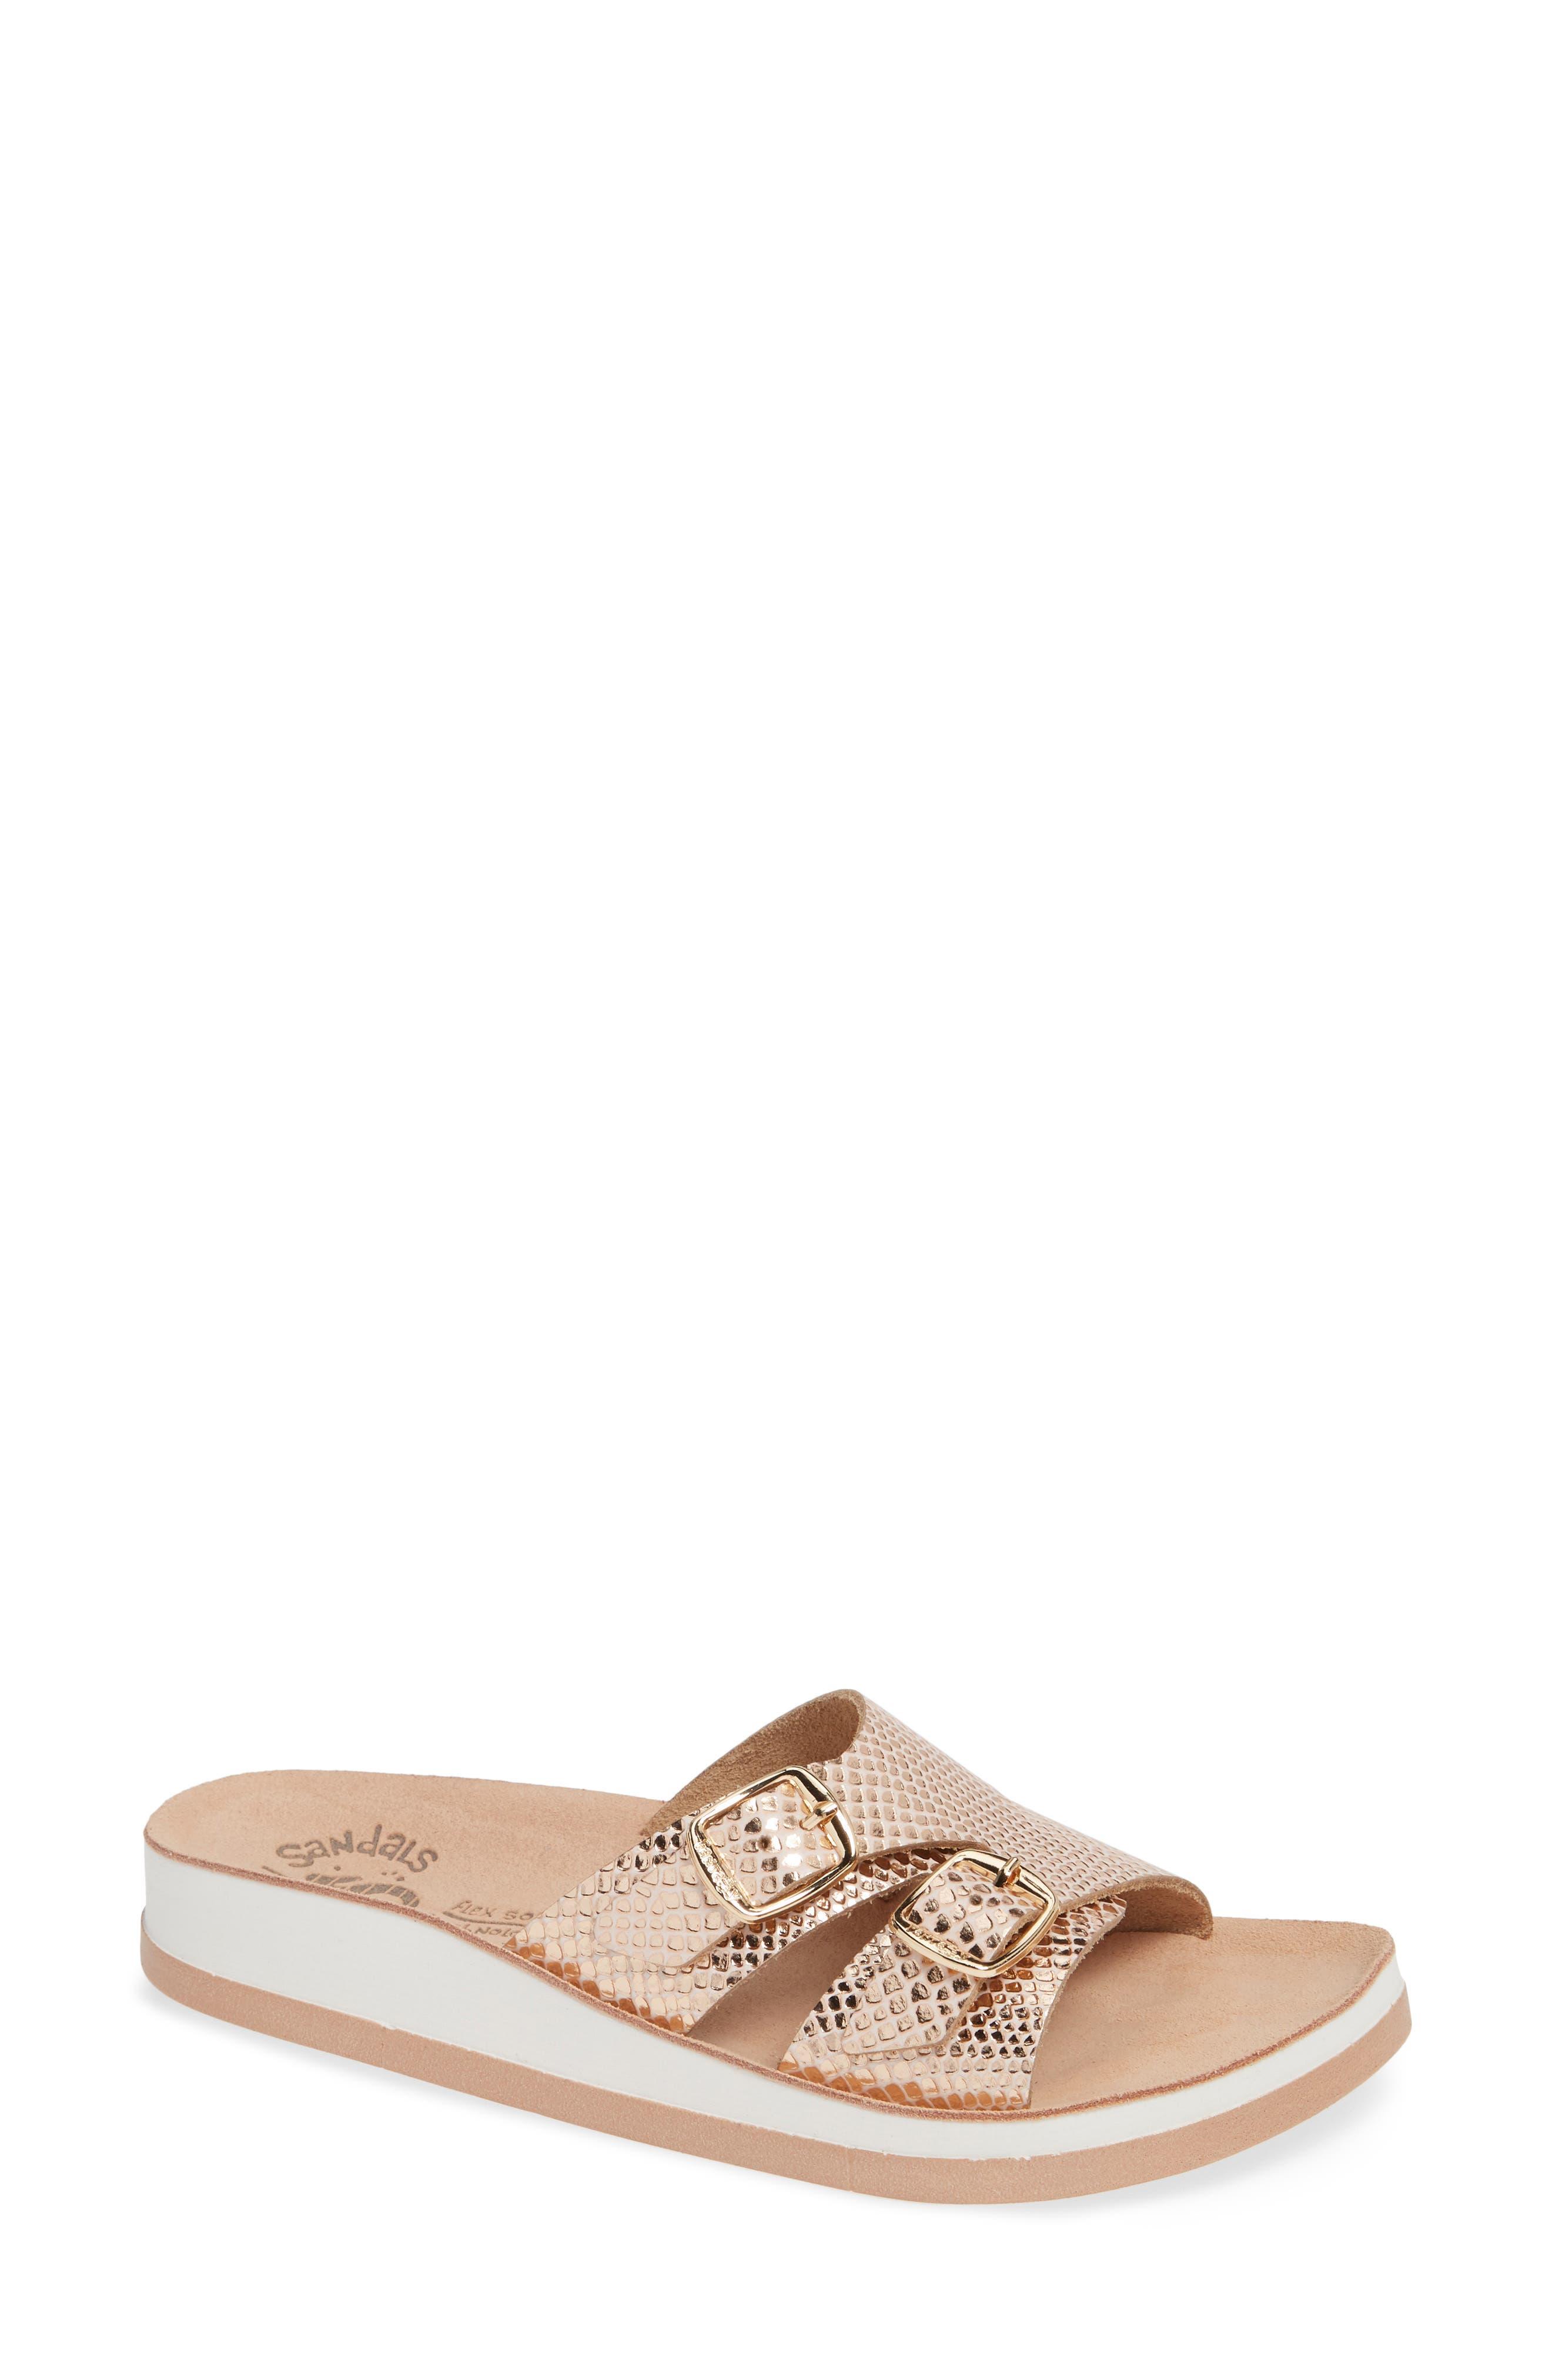 Adelia Slide Sandal